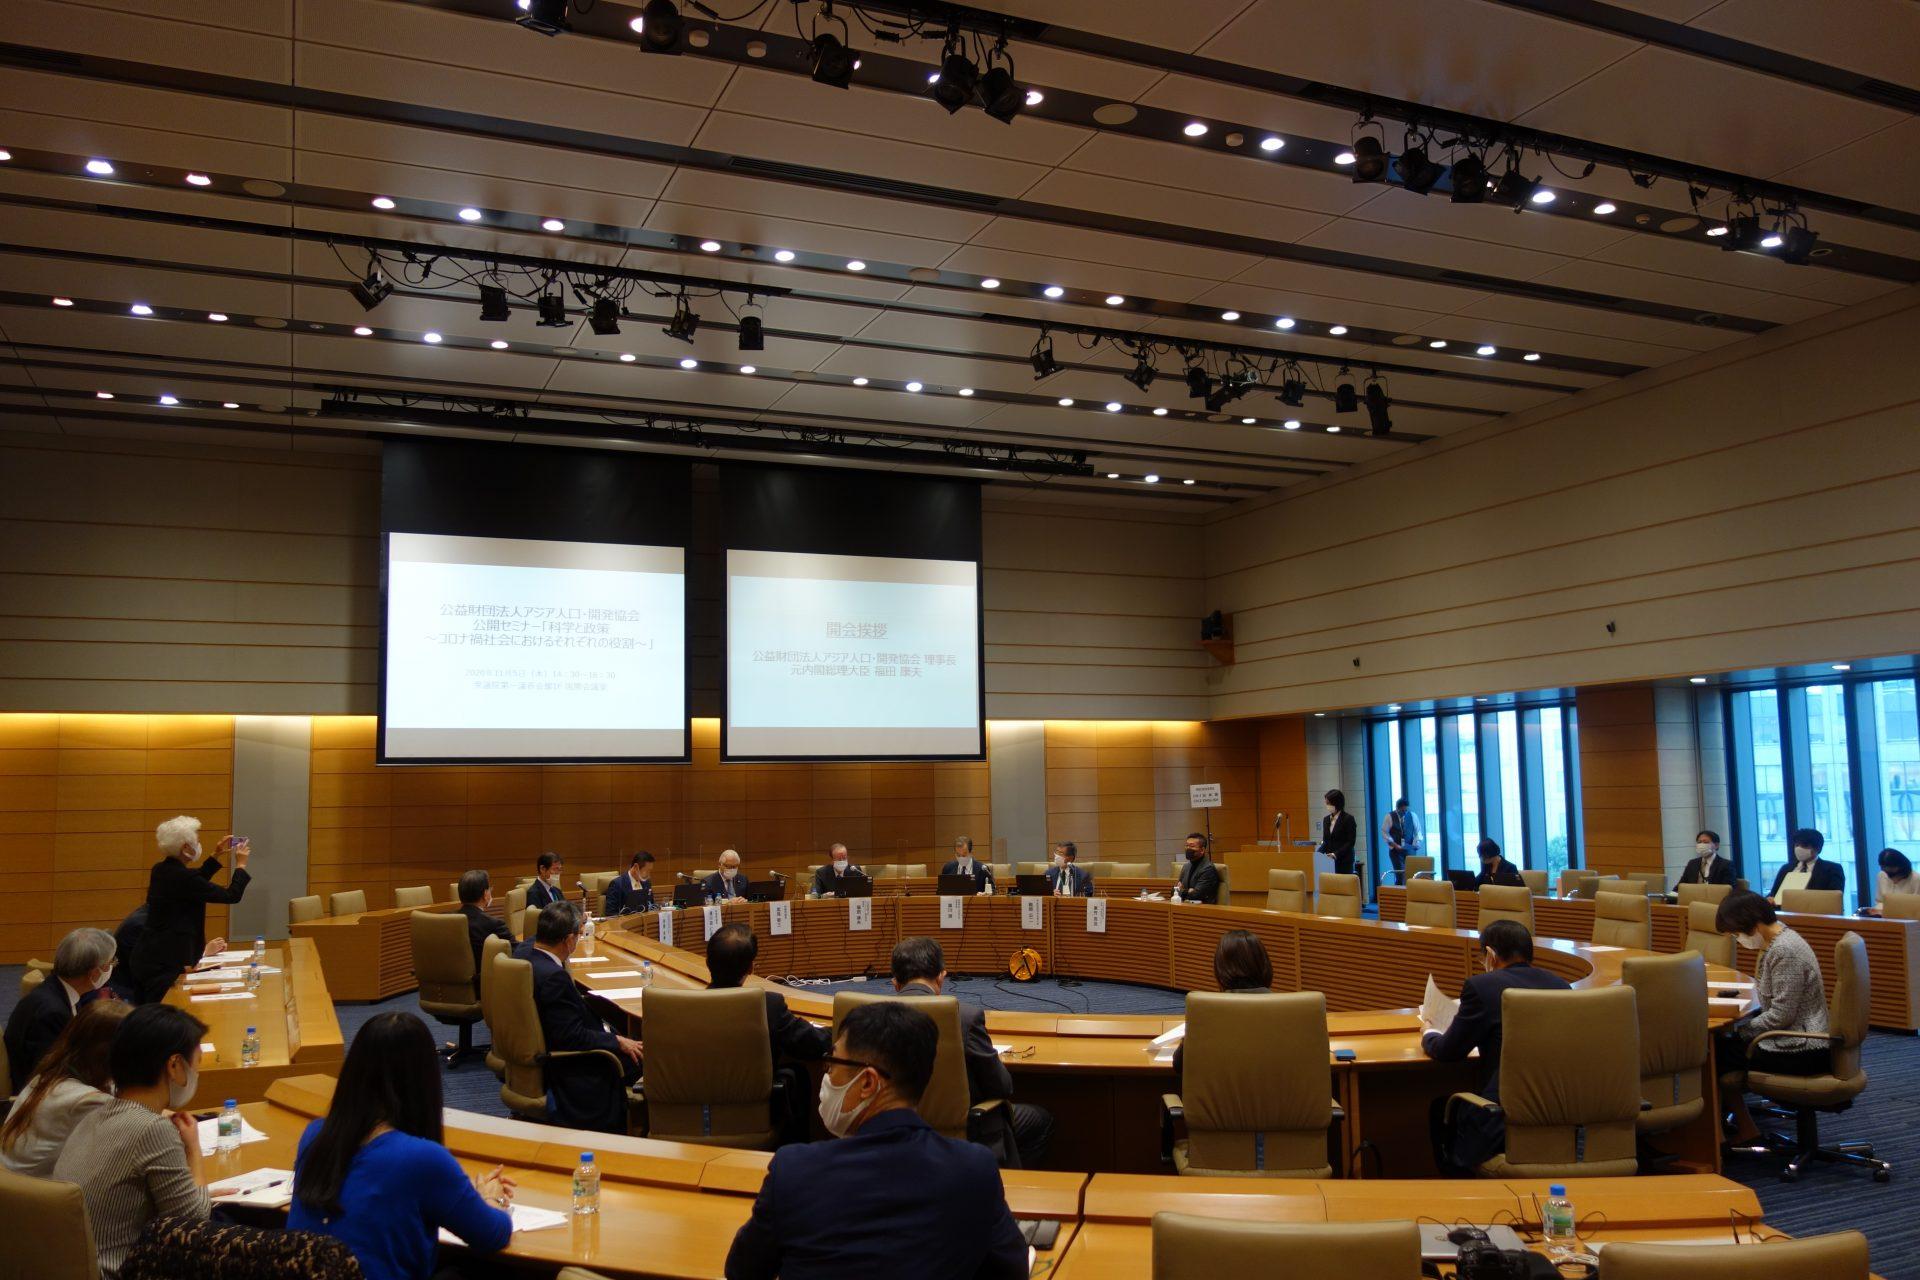 【講演報告】公益財団法人 アジア人口・開発協会(APDA) 公開セミナー「科学と政策~コロナ禍社会におけるそれぞれの役割~」(APDA、2020年11月5日、衆議院議員会館国際会議場)